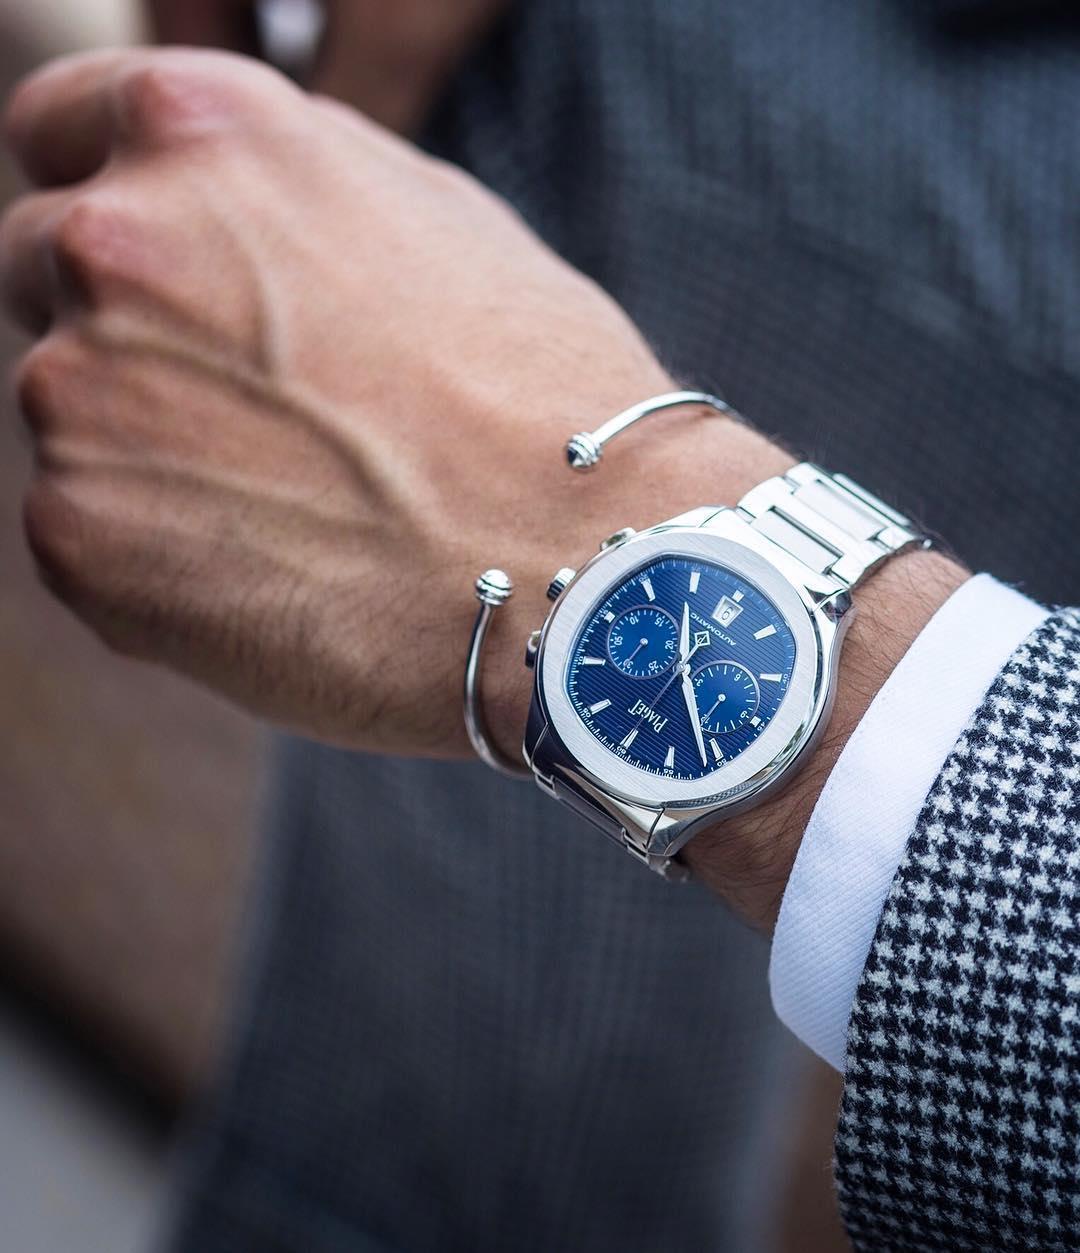 دستبند های مردانه و لوازم جانب